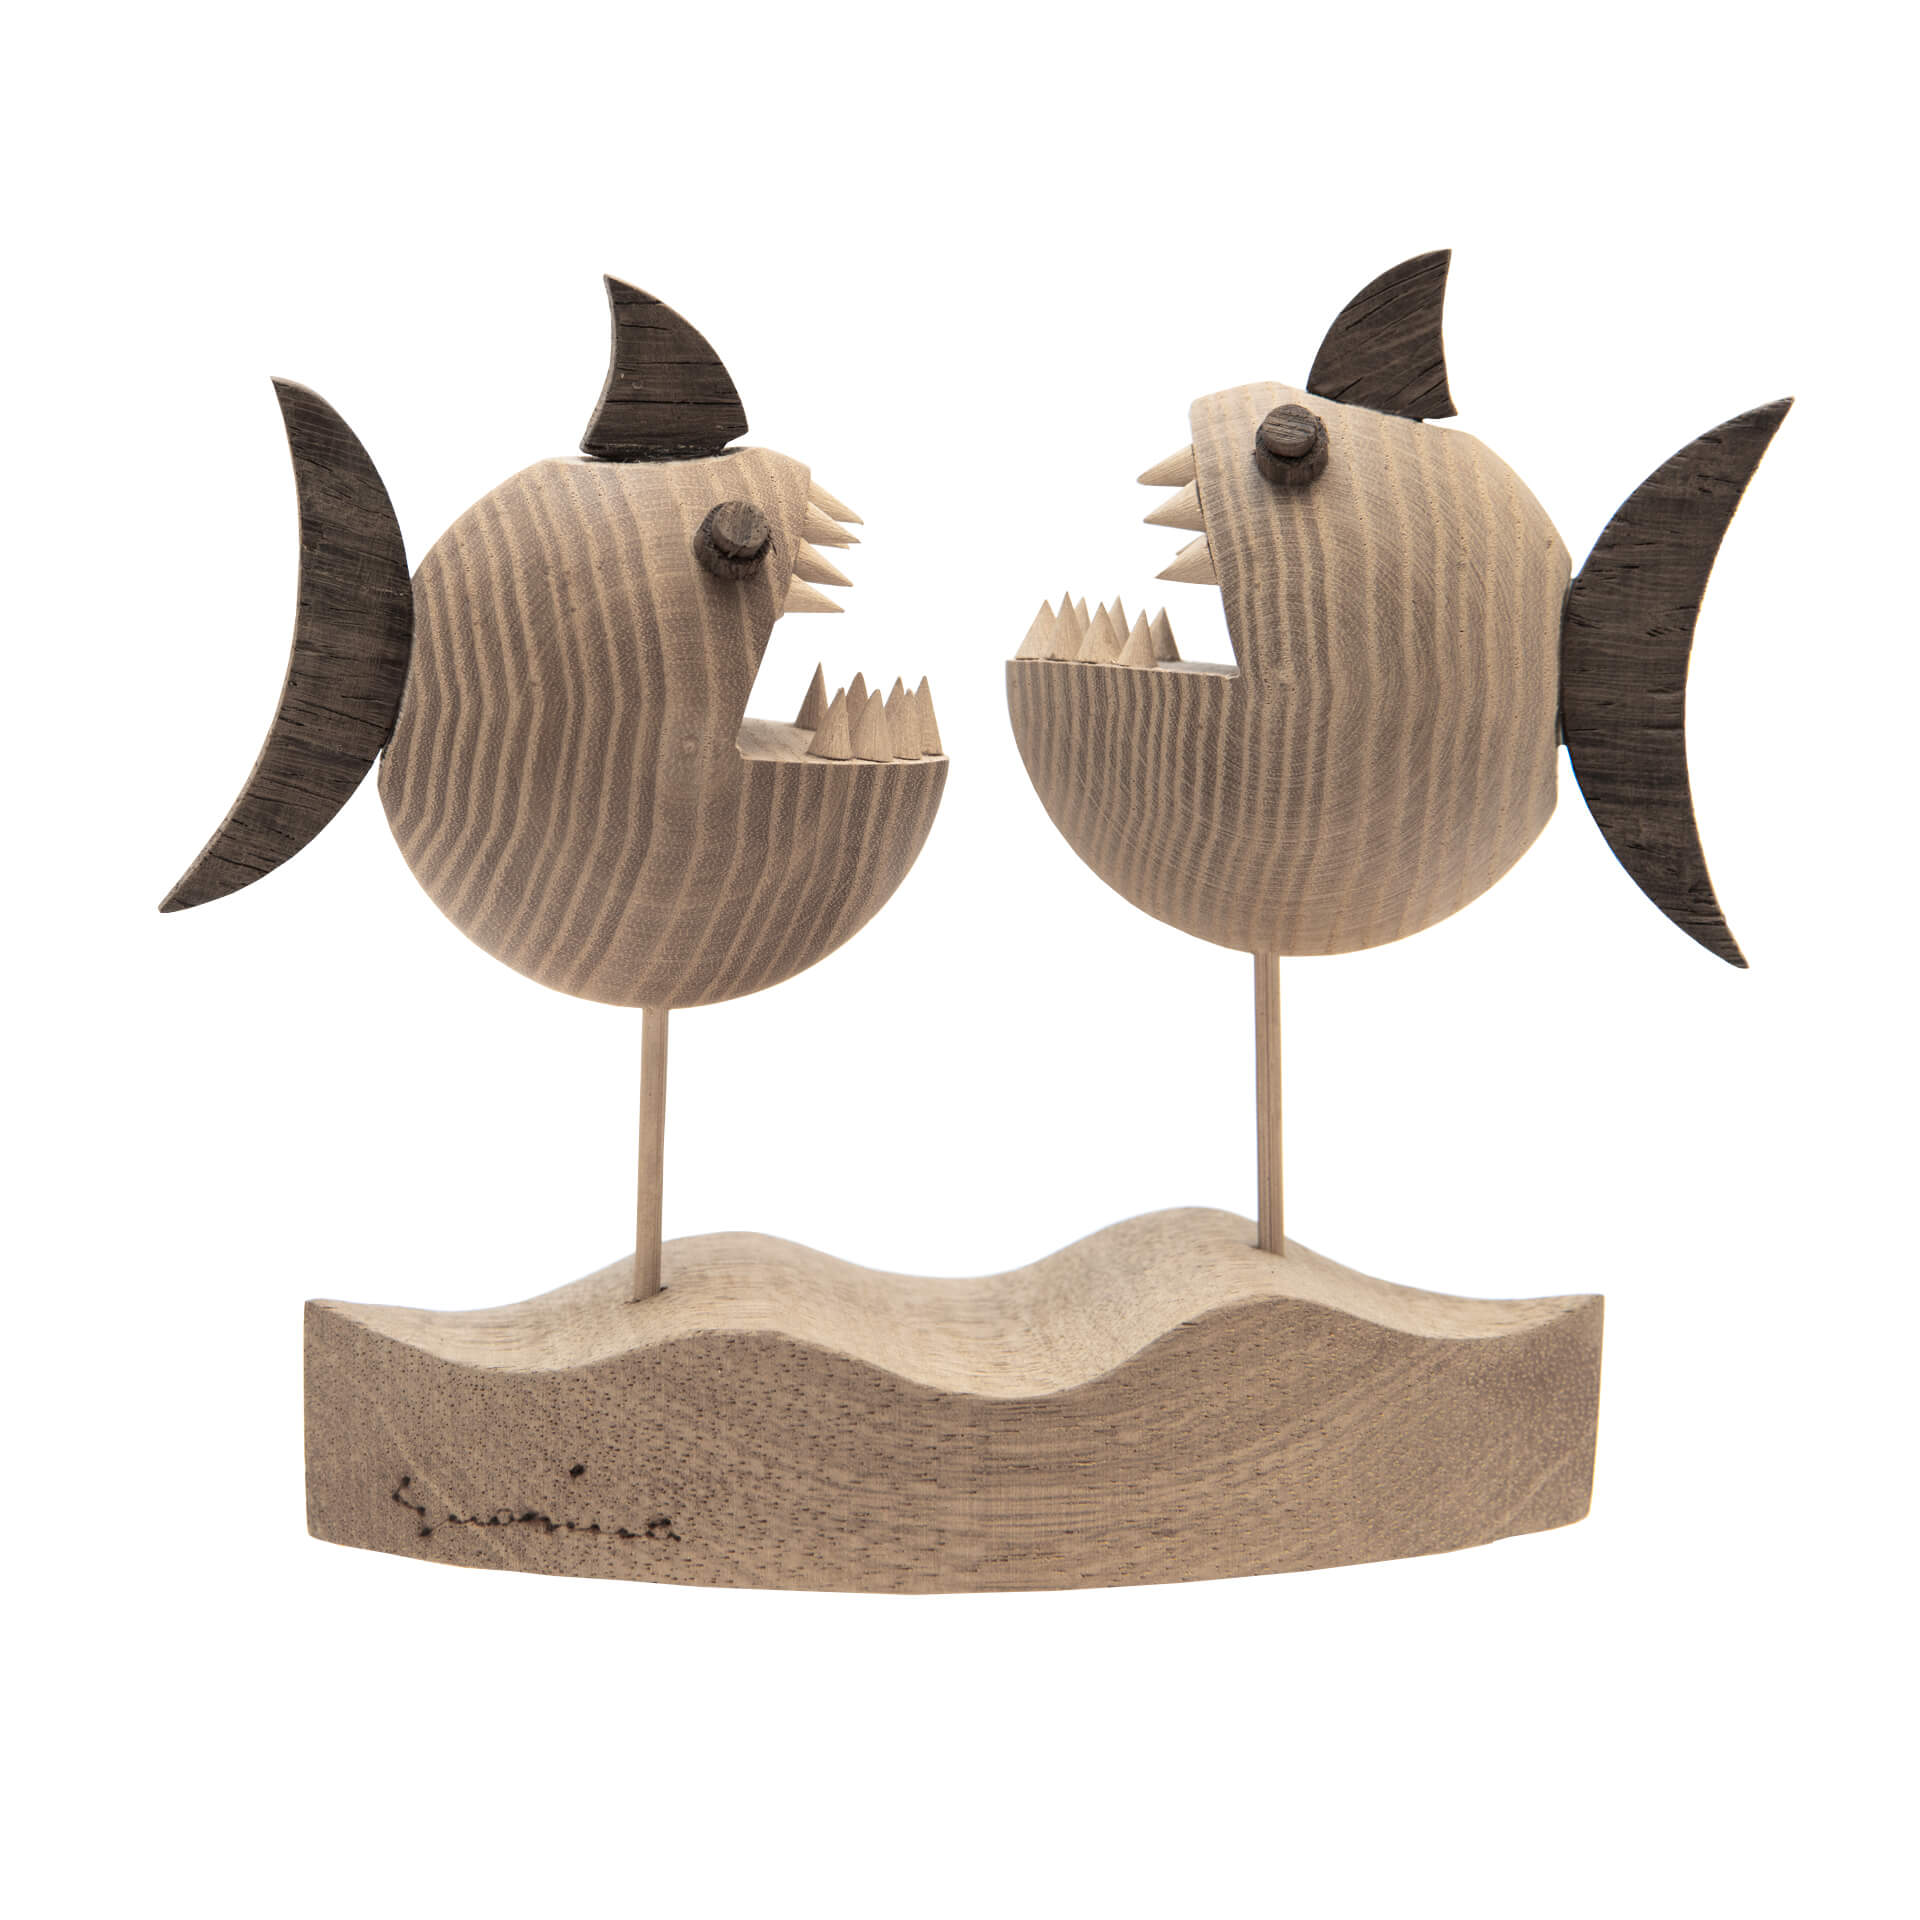 Scultura in legno Pesci - Dimensione media 19x 7 x 16 cm (b x p x h)